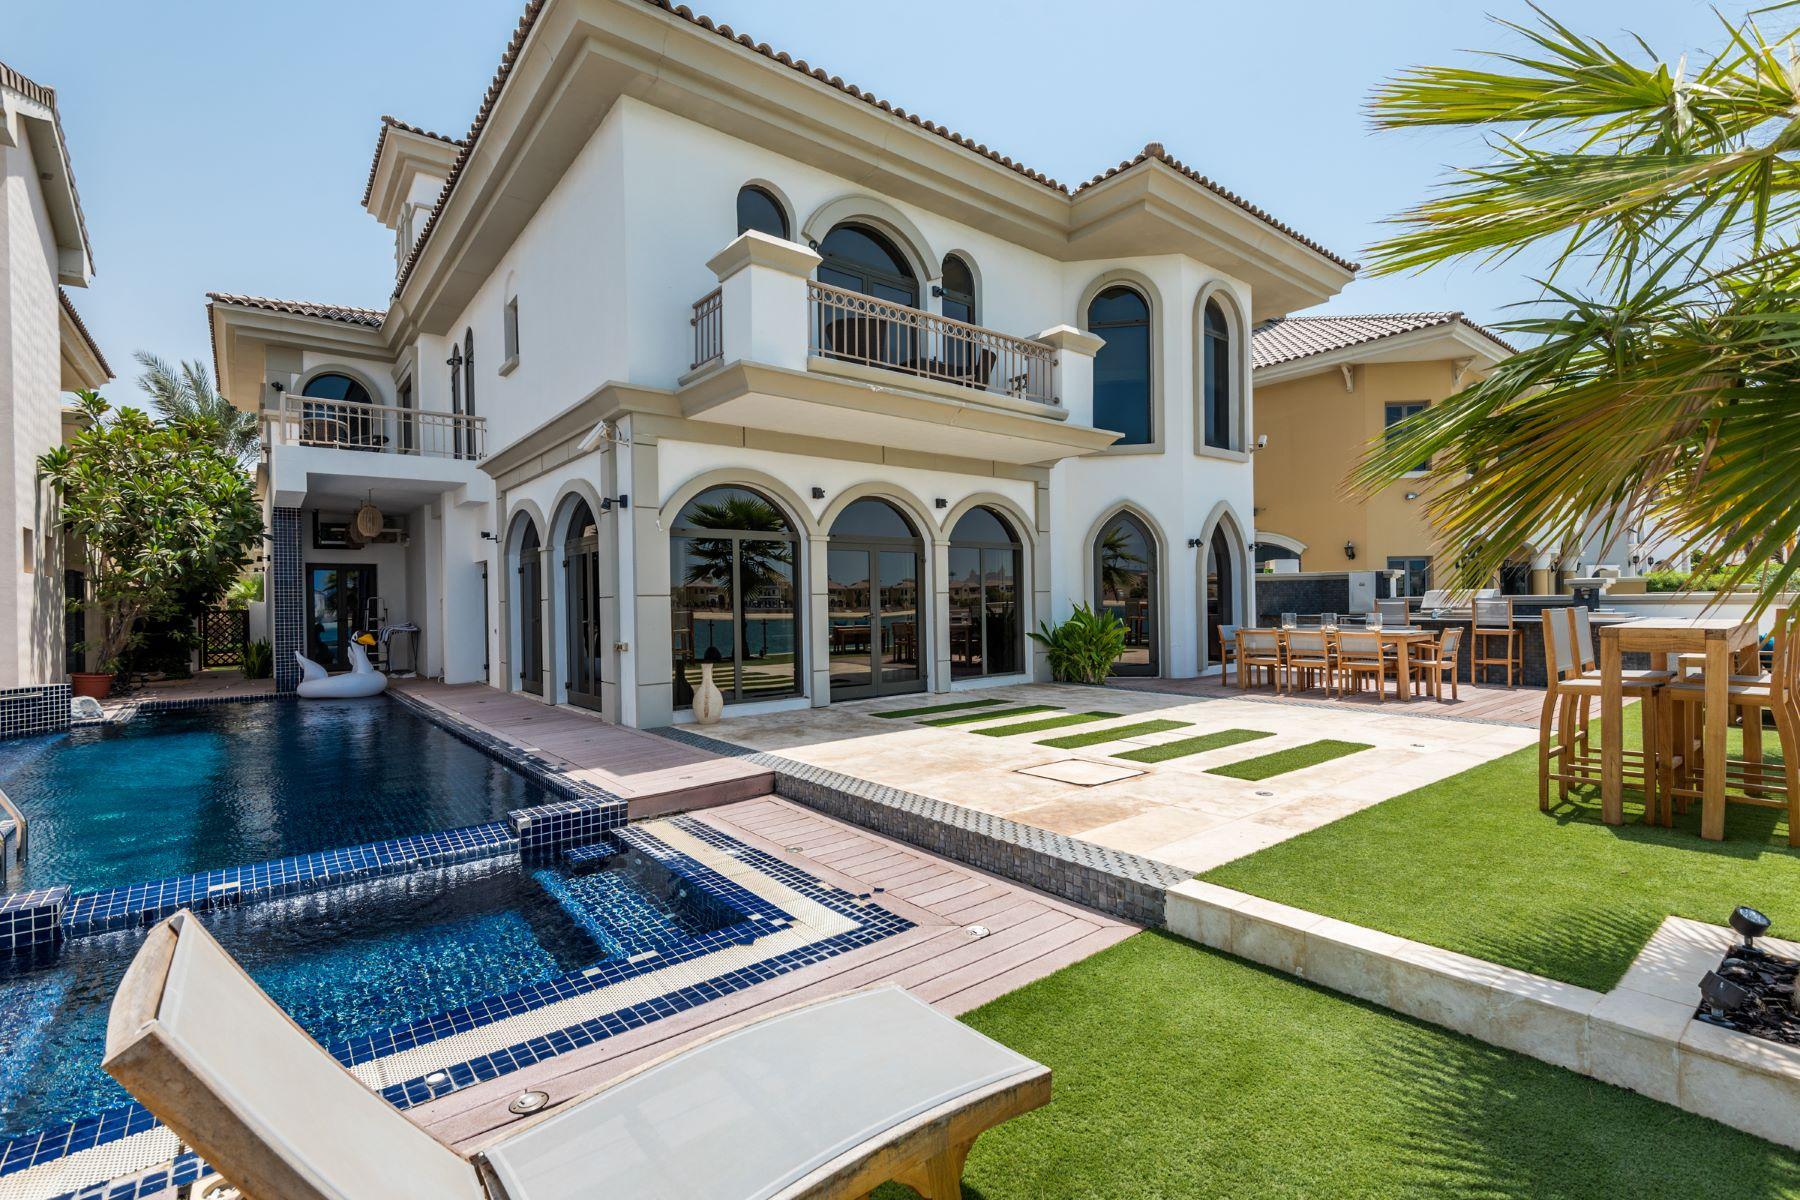 独户住宅 为 销售 在 Extended Palm Jumeirah Family Beach House 迪拜, 阿联酋